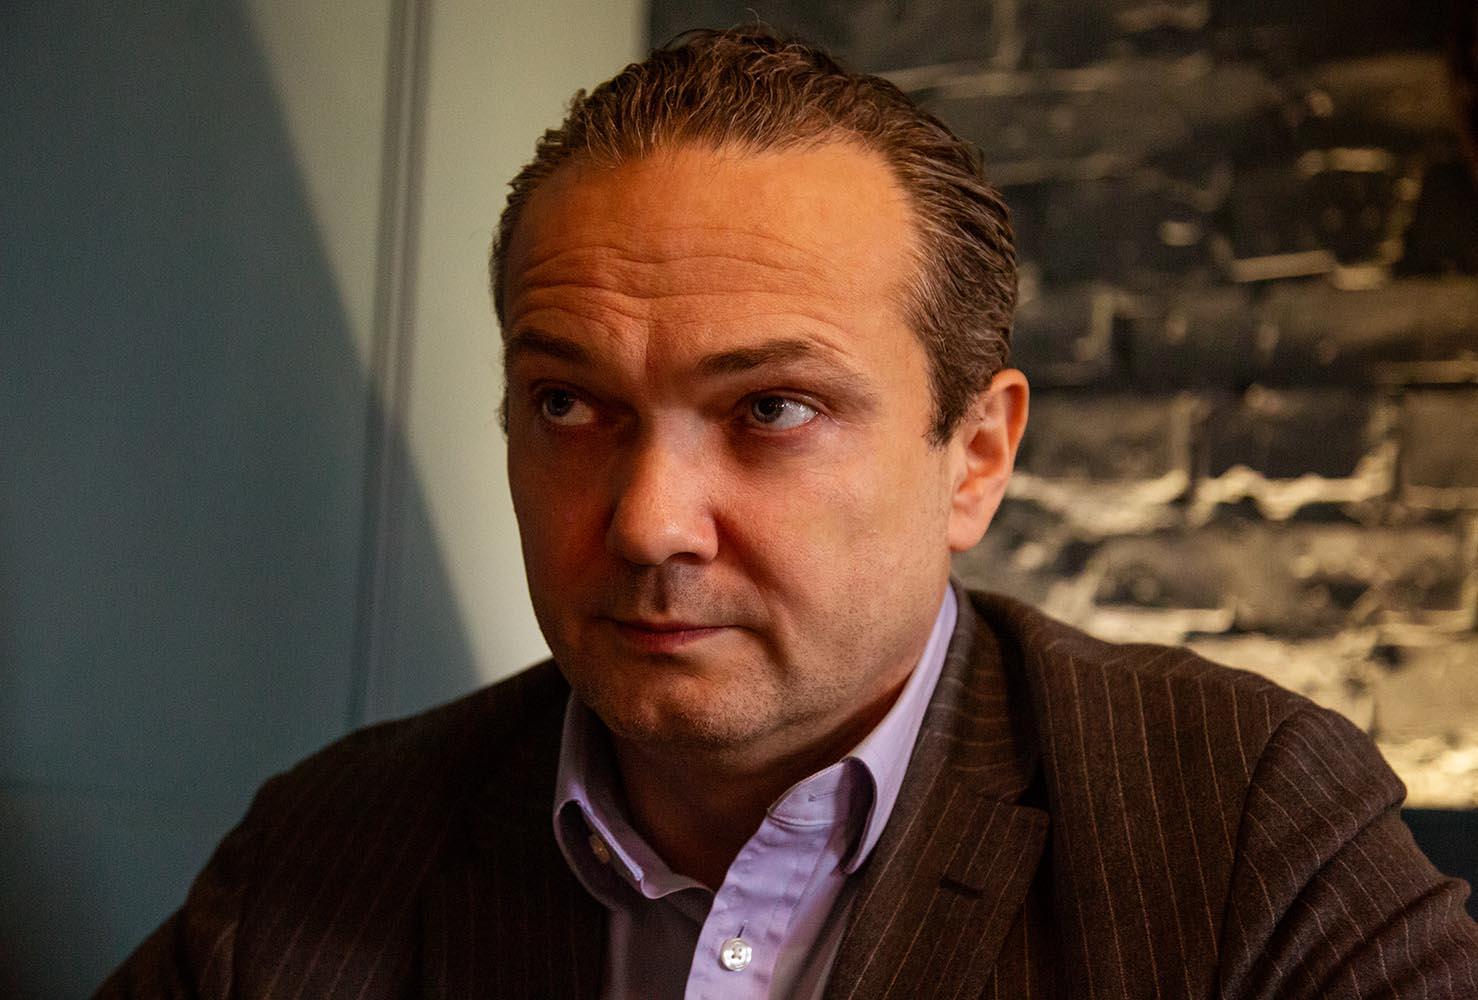 Иракли Эзугбая уволился из Укрзализныци